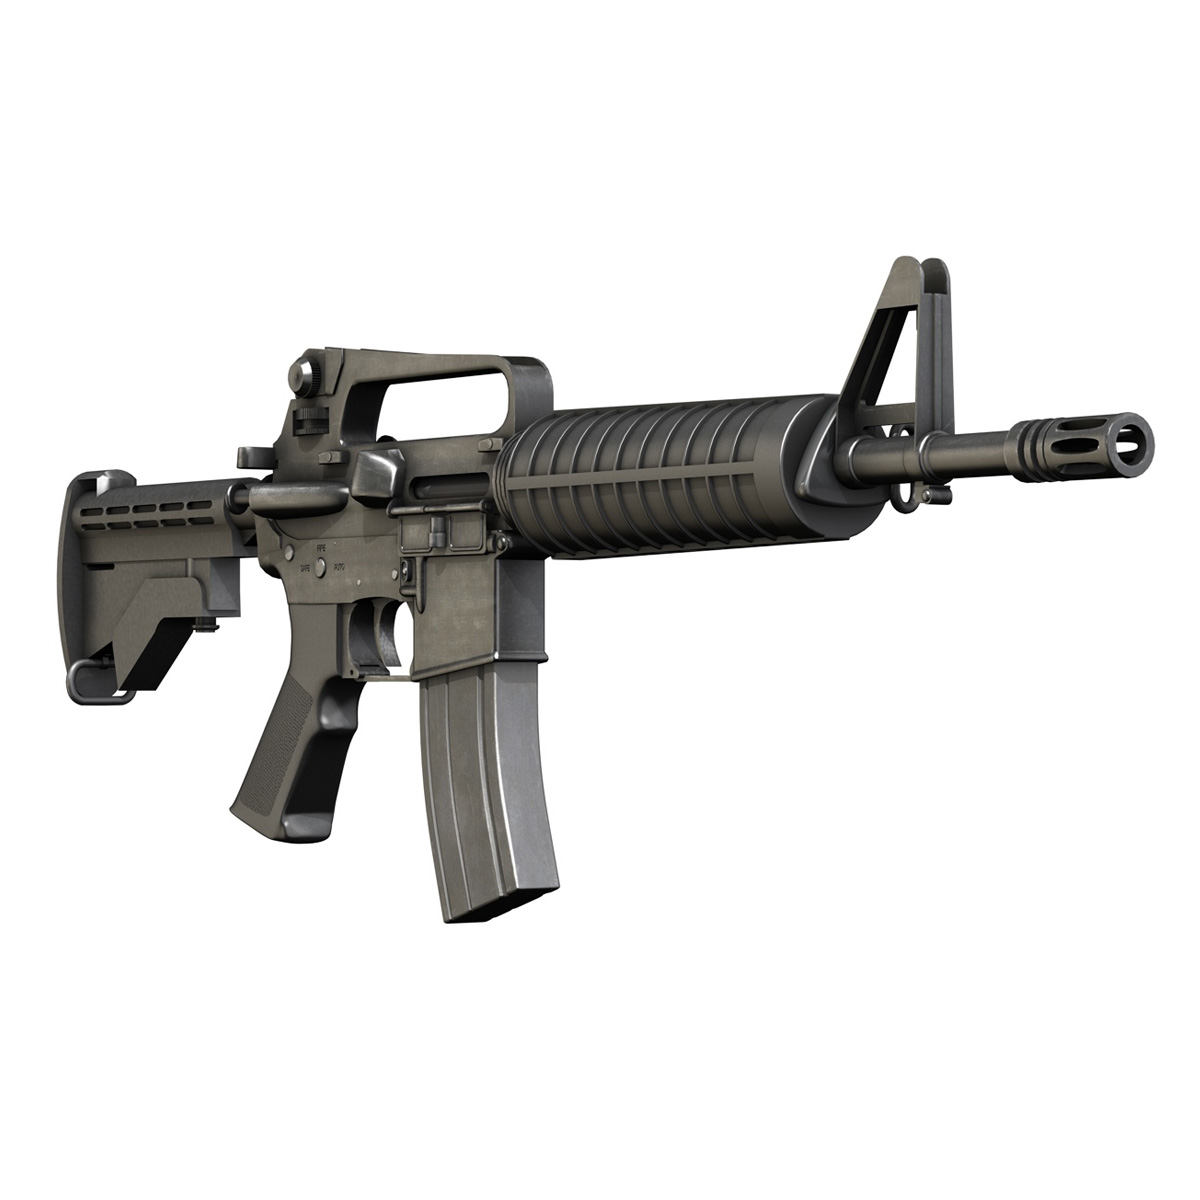 colt m4 commando assault rifle 3d model 3ds fbx c4d lwo obj 187500